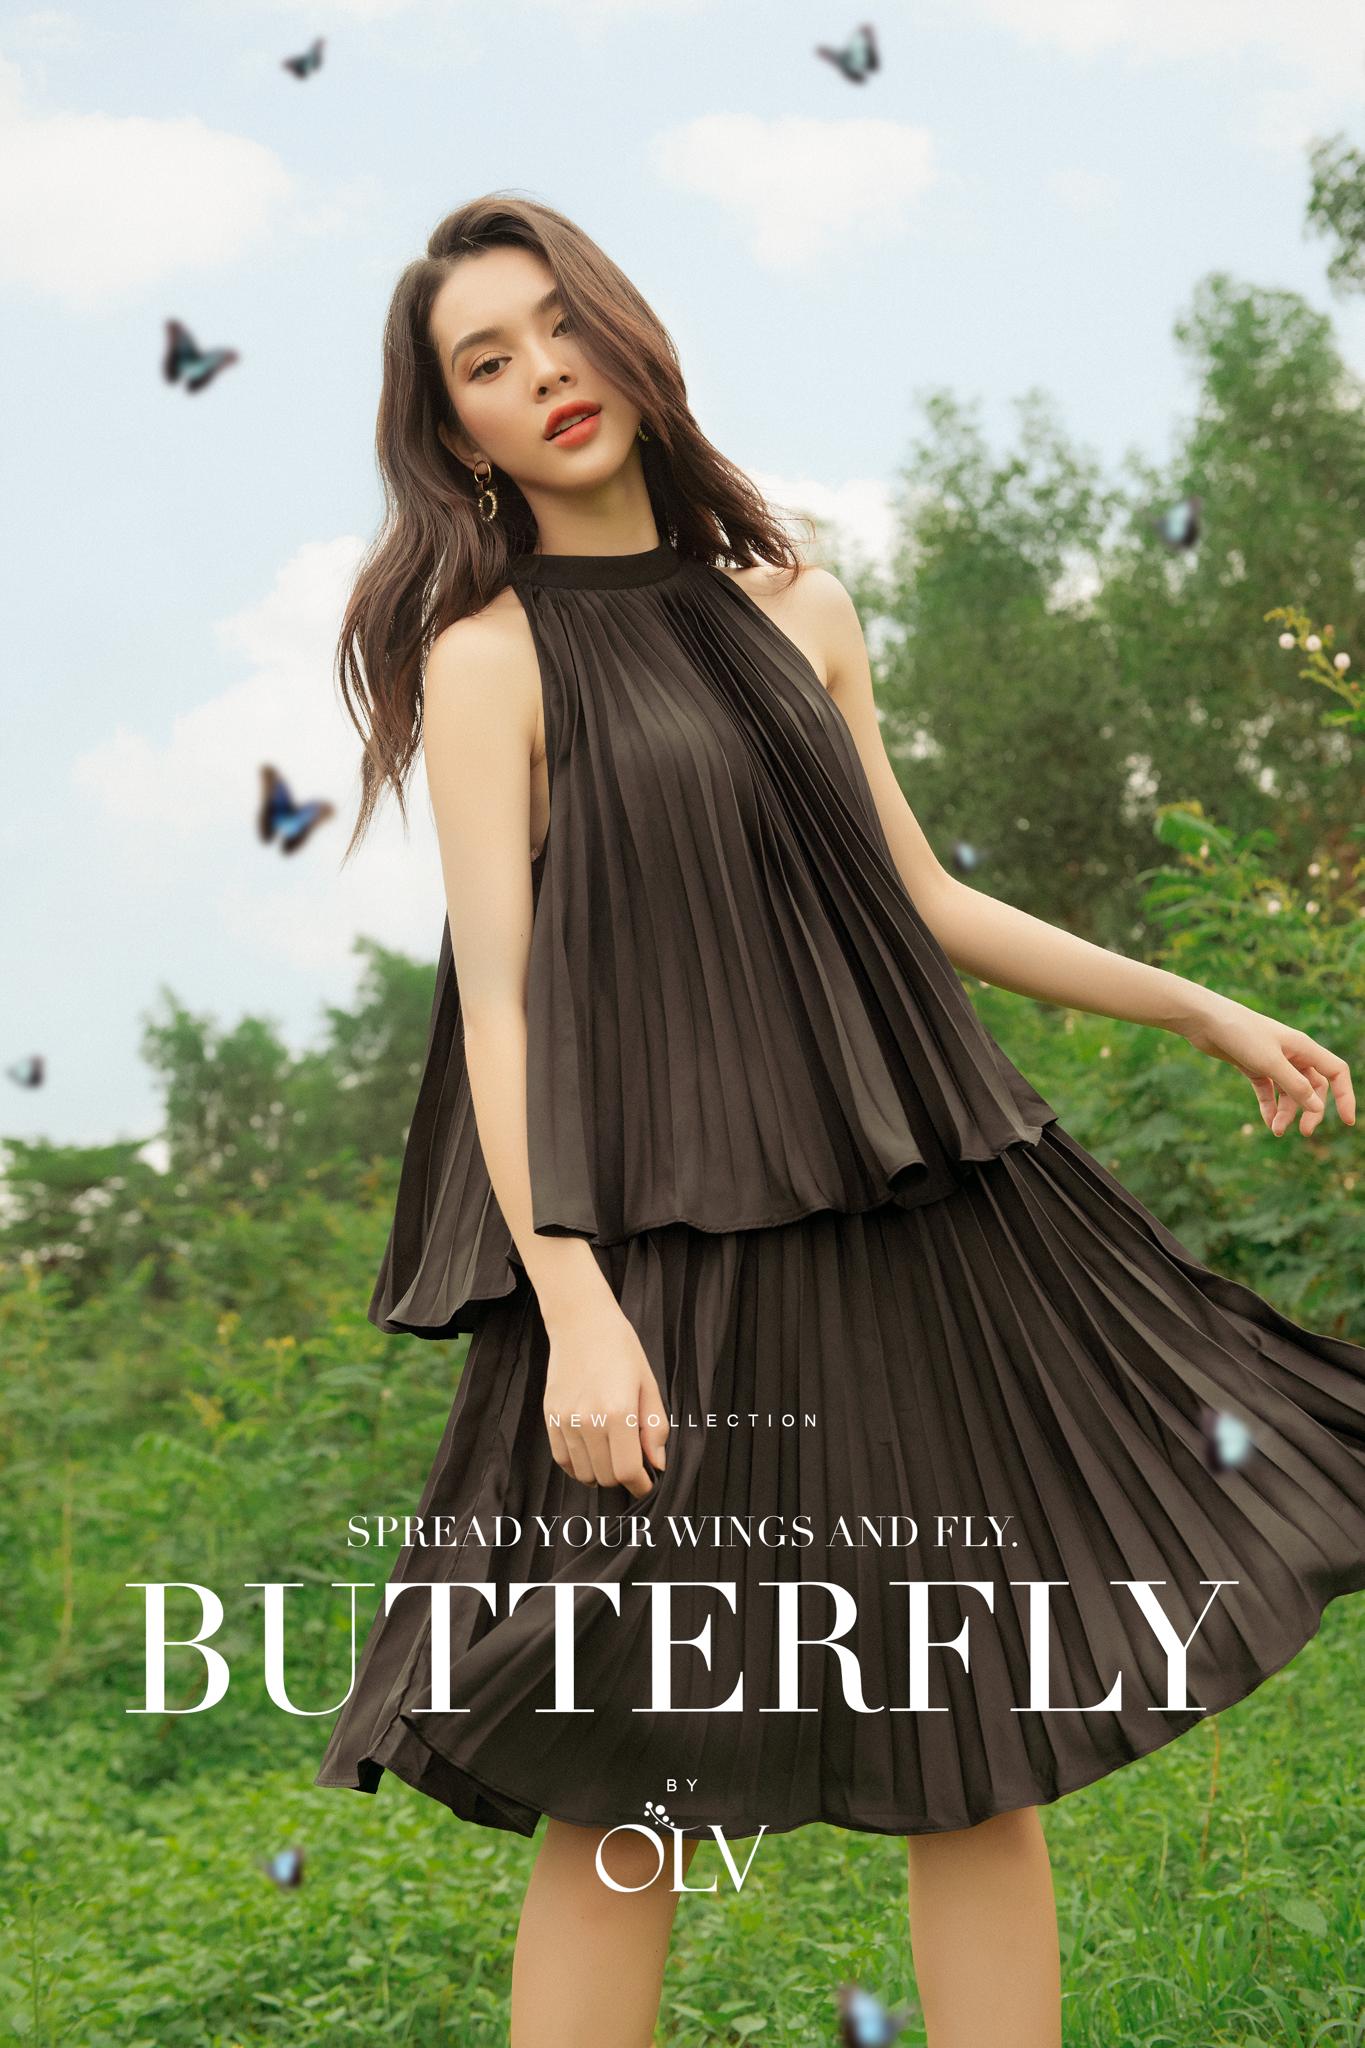 olv feminist butterfly